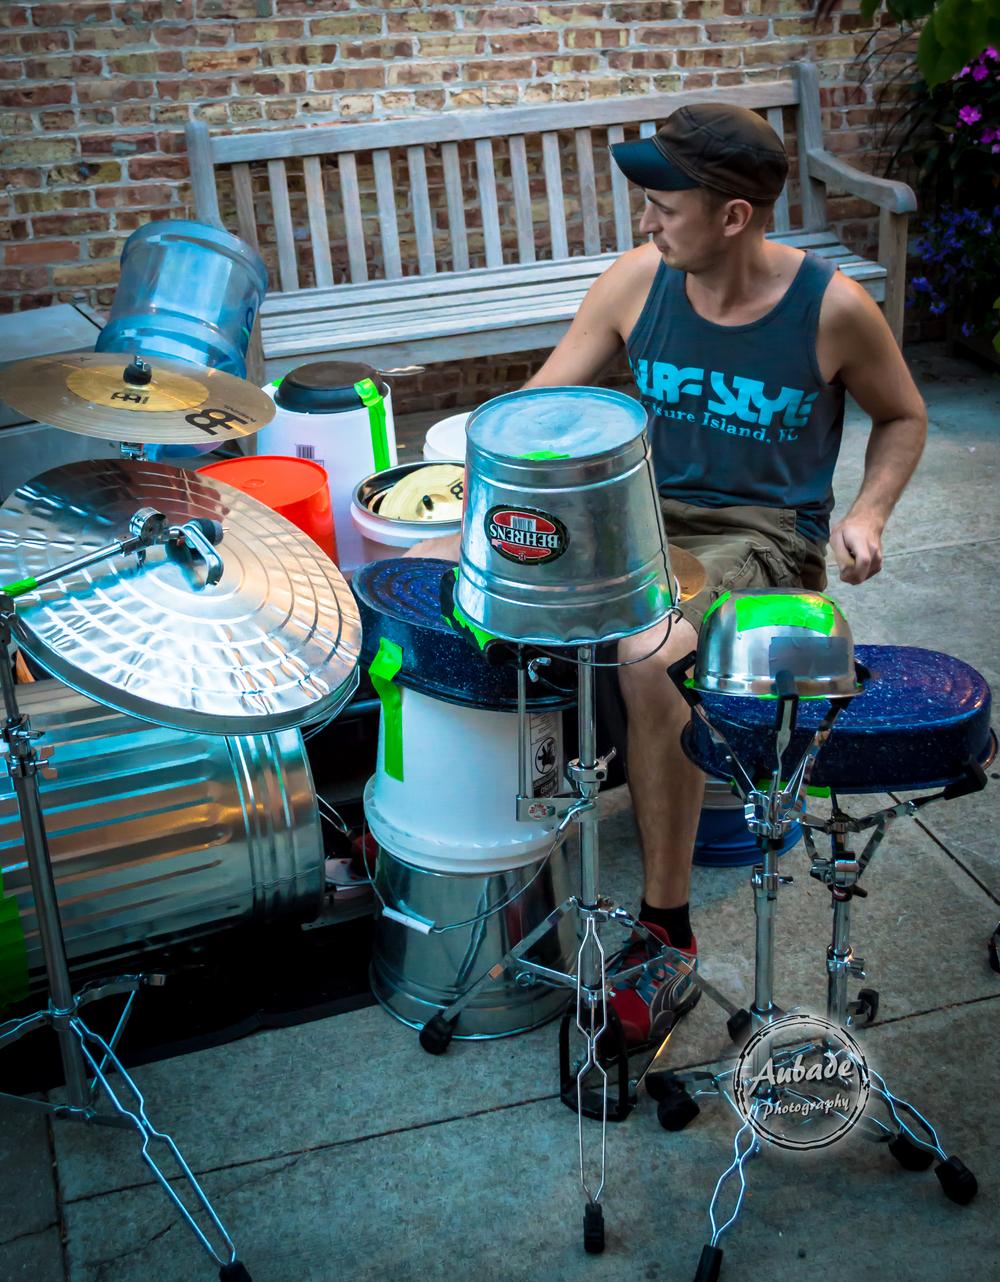 eau claire photographer aubade photography wis dells drummer 2